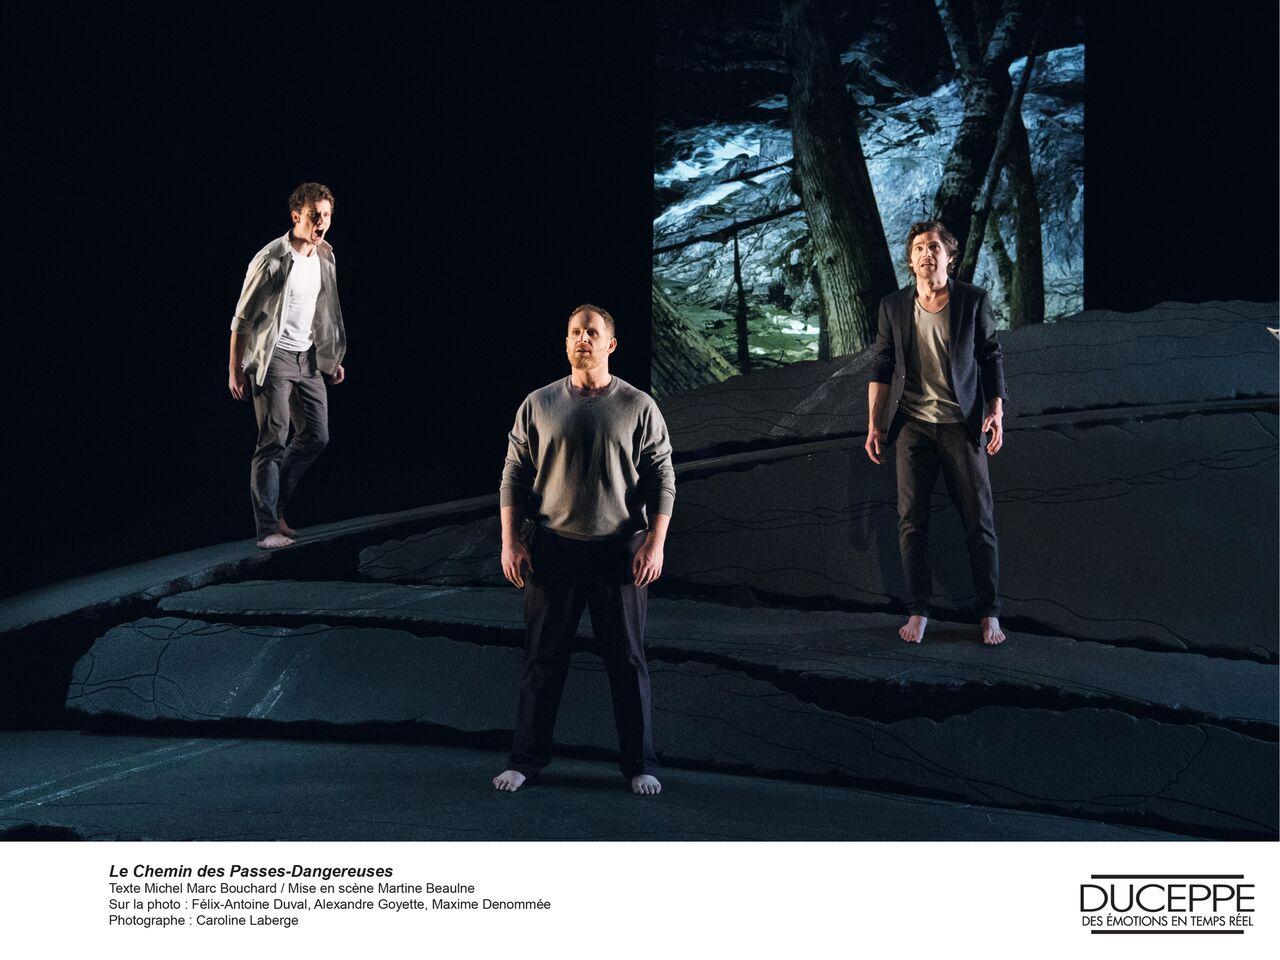 L'excellent Le Chemin des Passes-dangereuses au Théâtre Duceppe